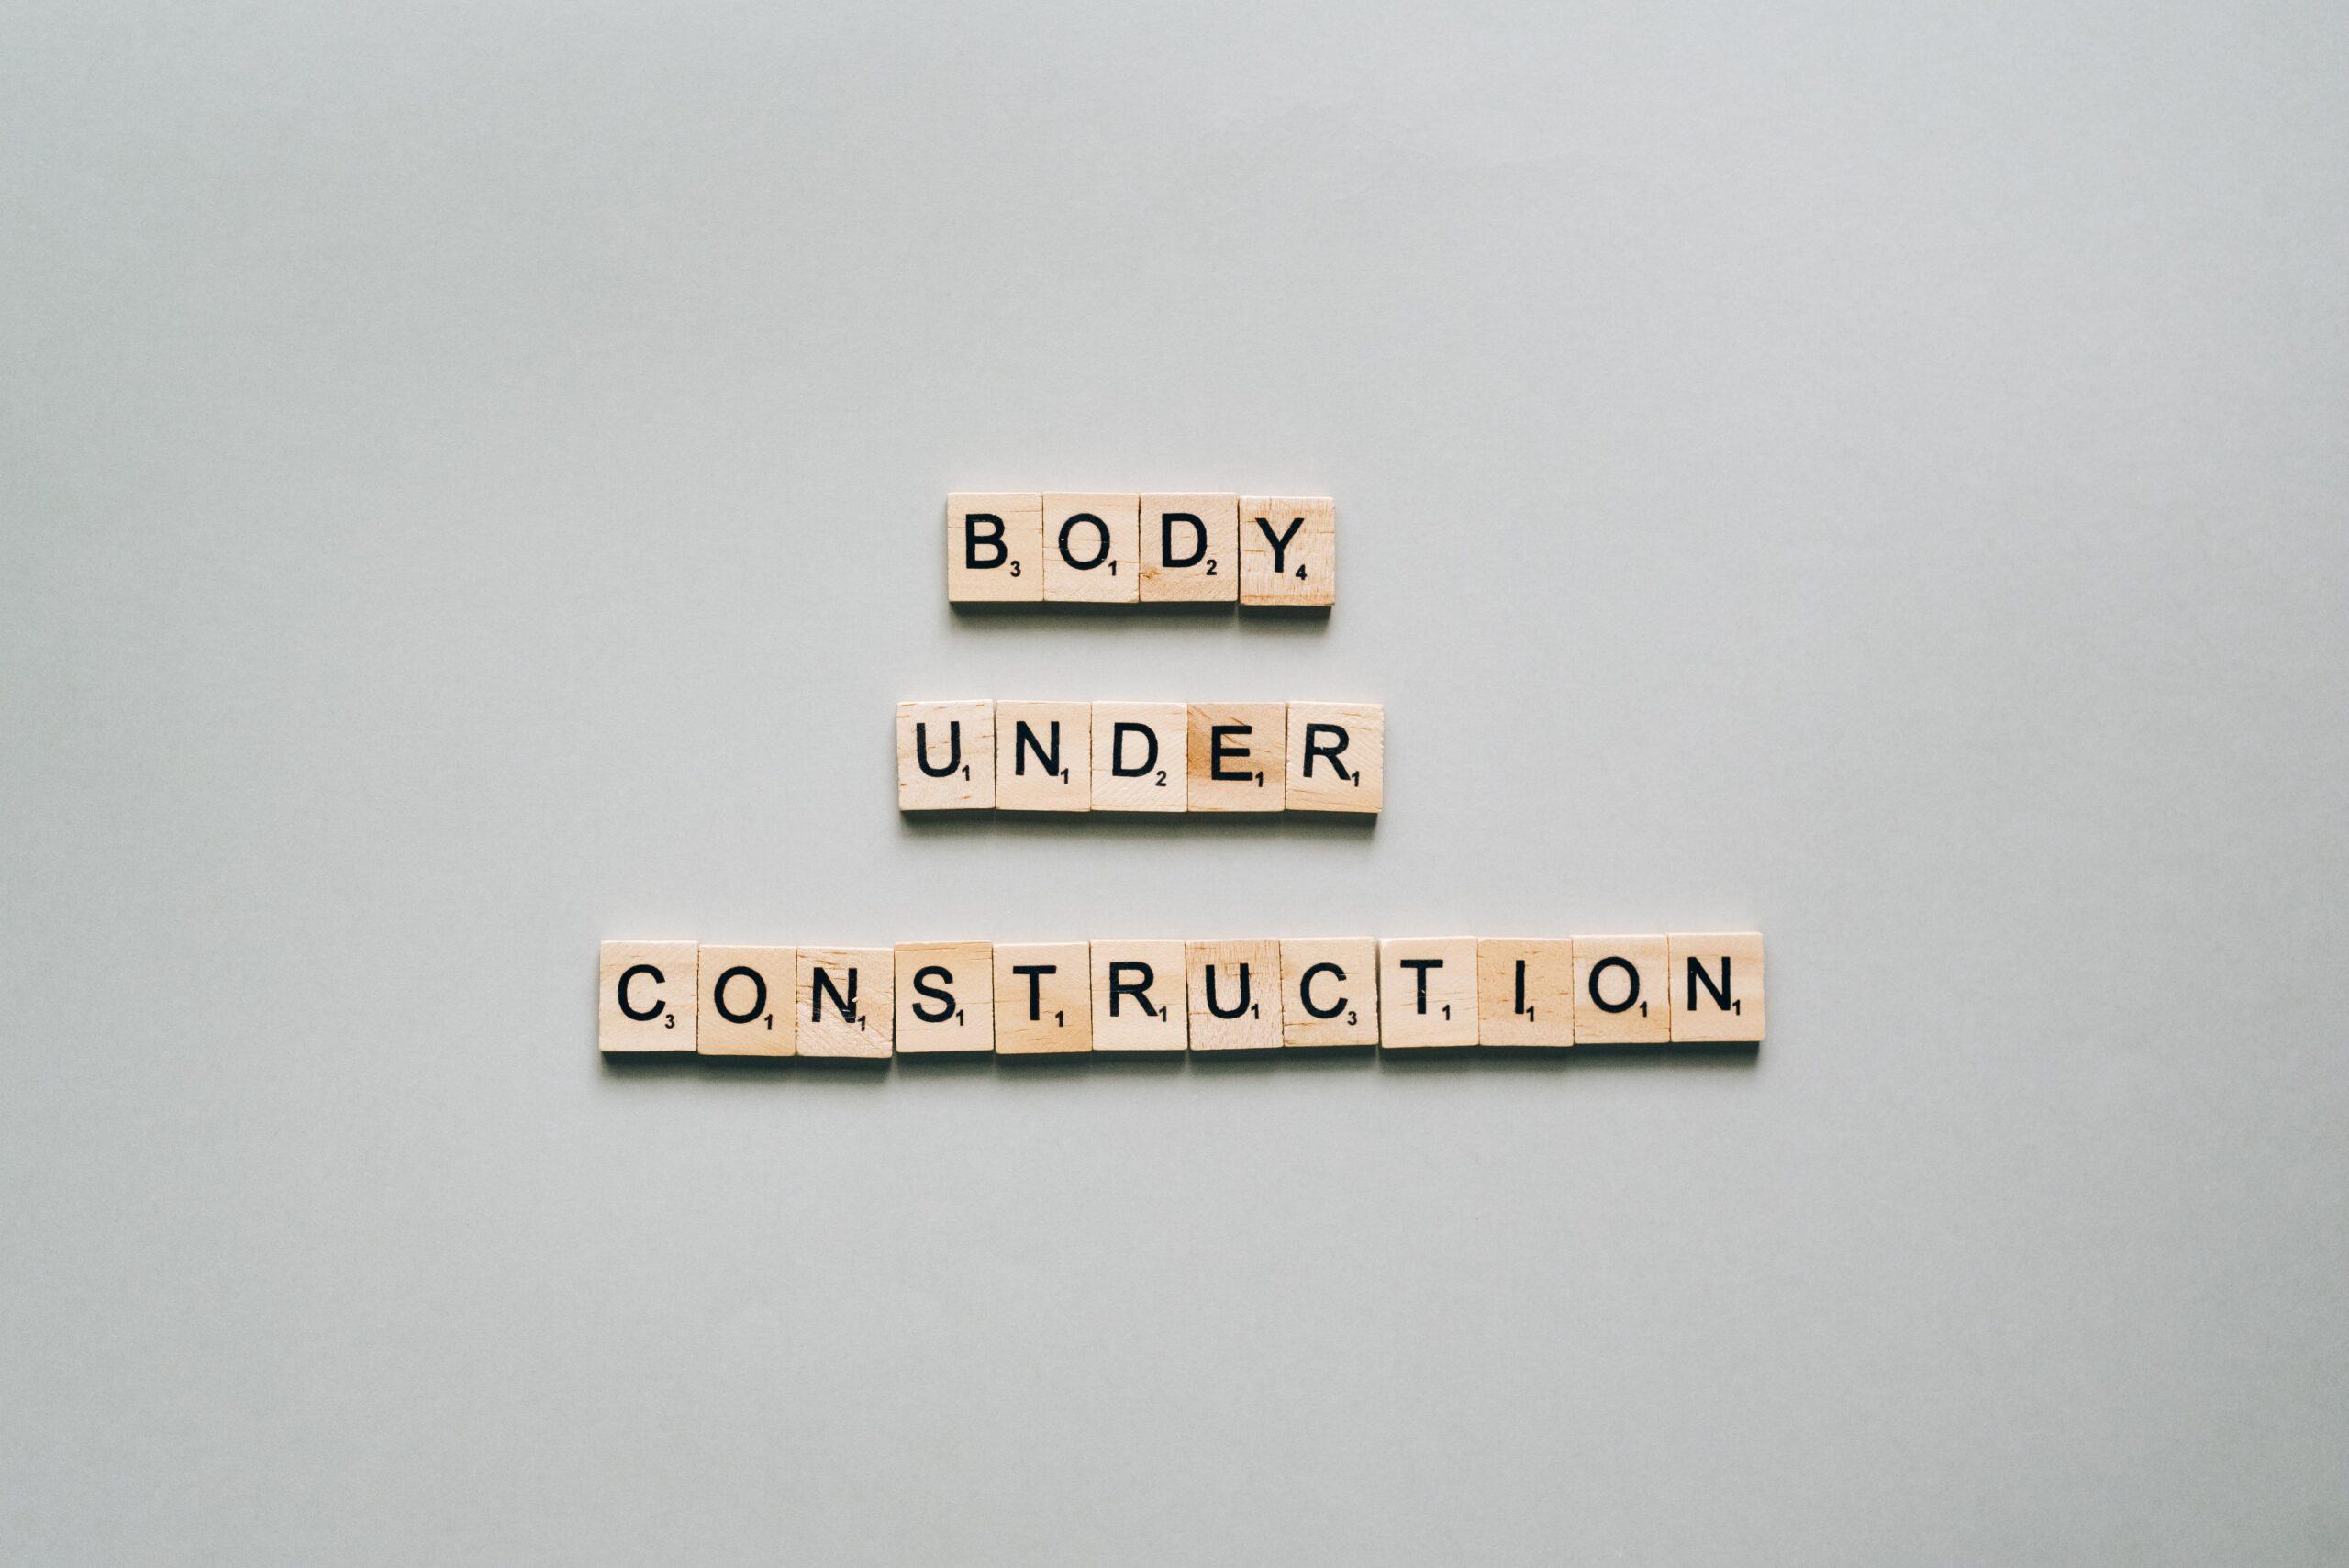 Ricomposizione corporea: le tre fasi per ottenerla